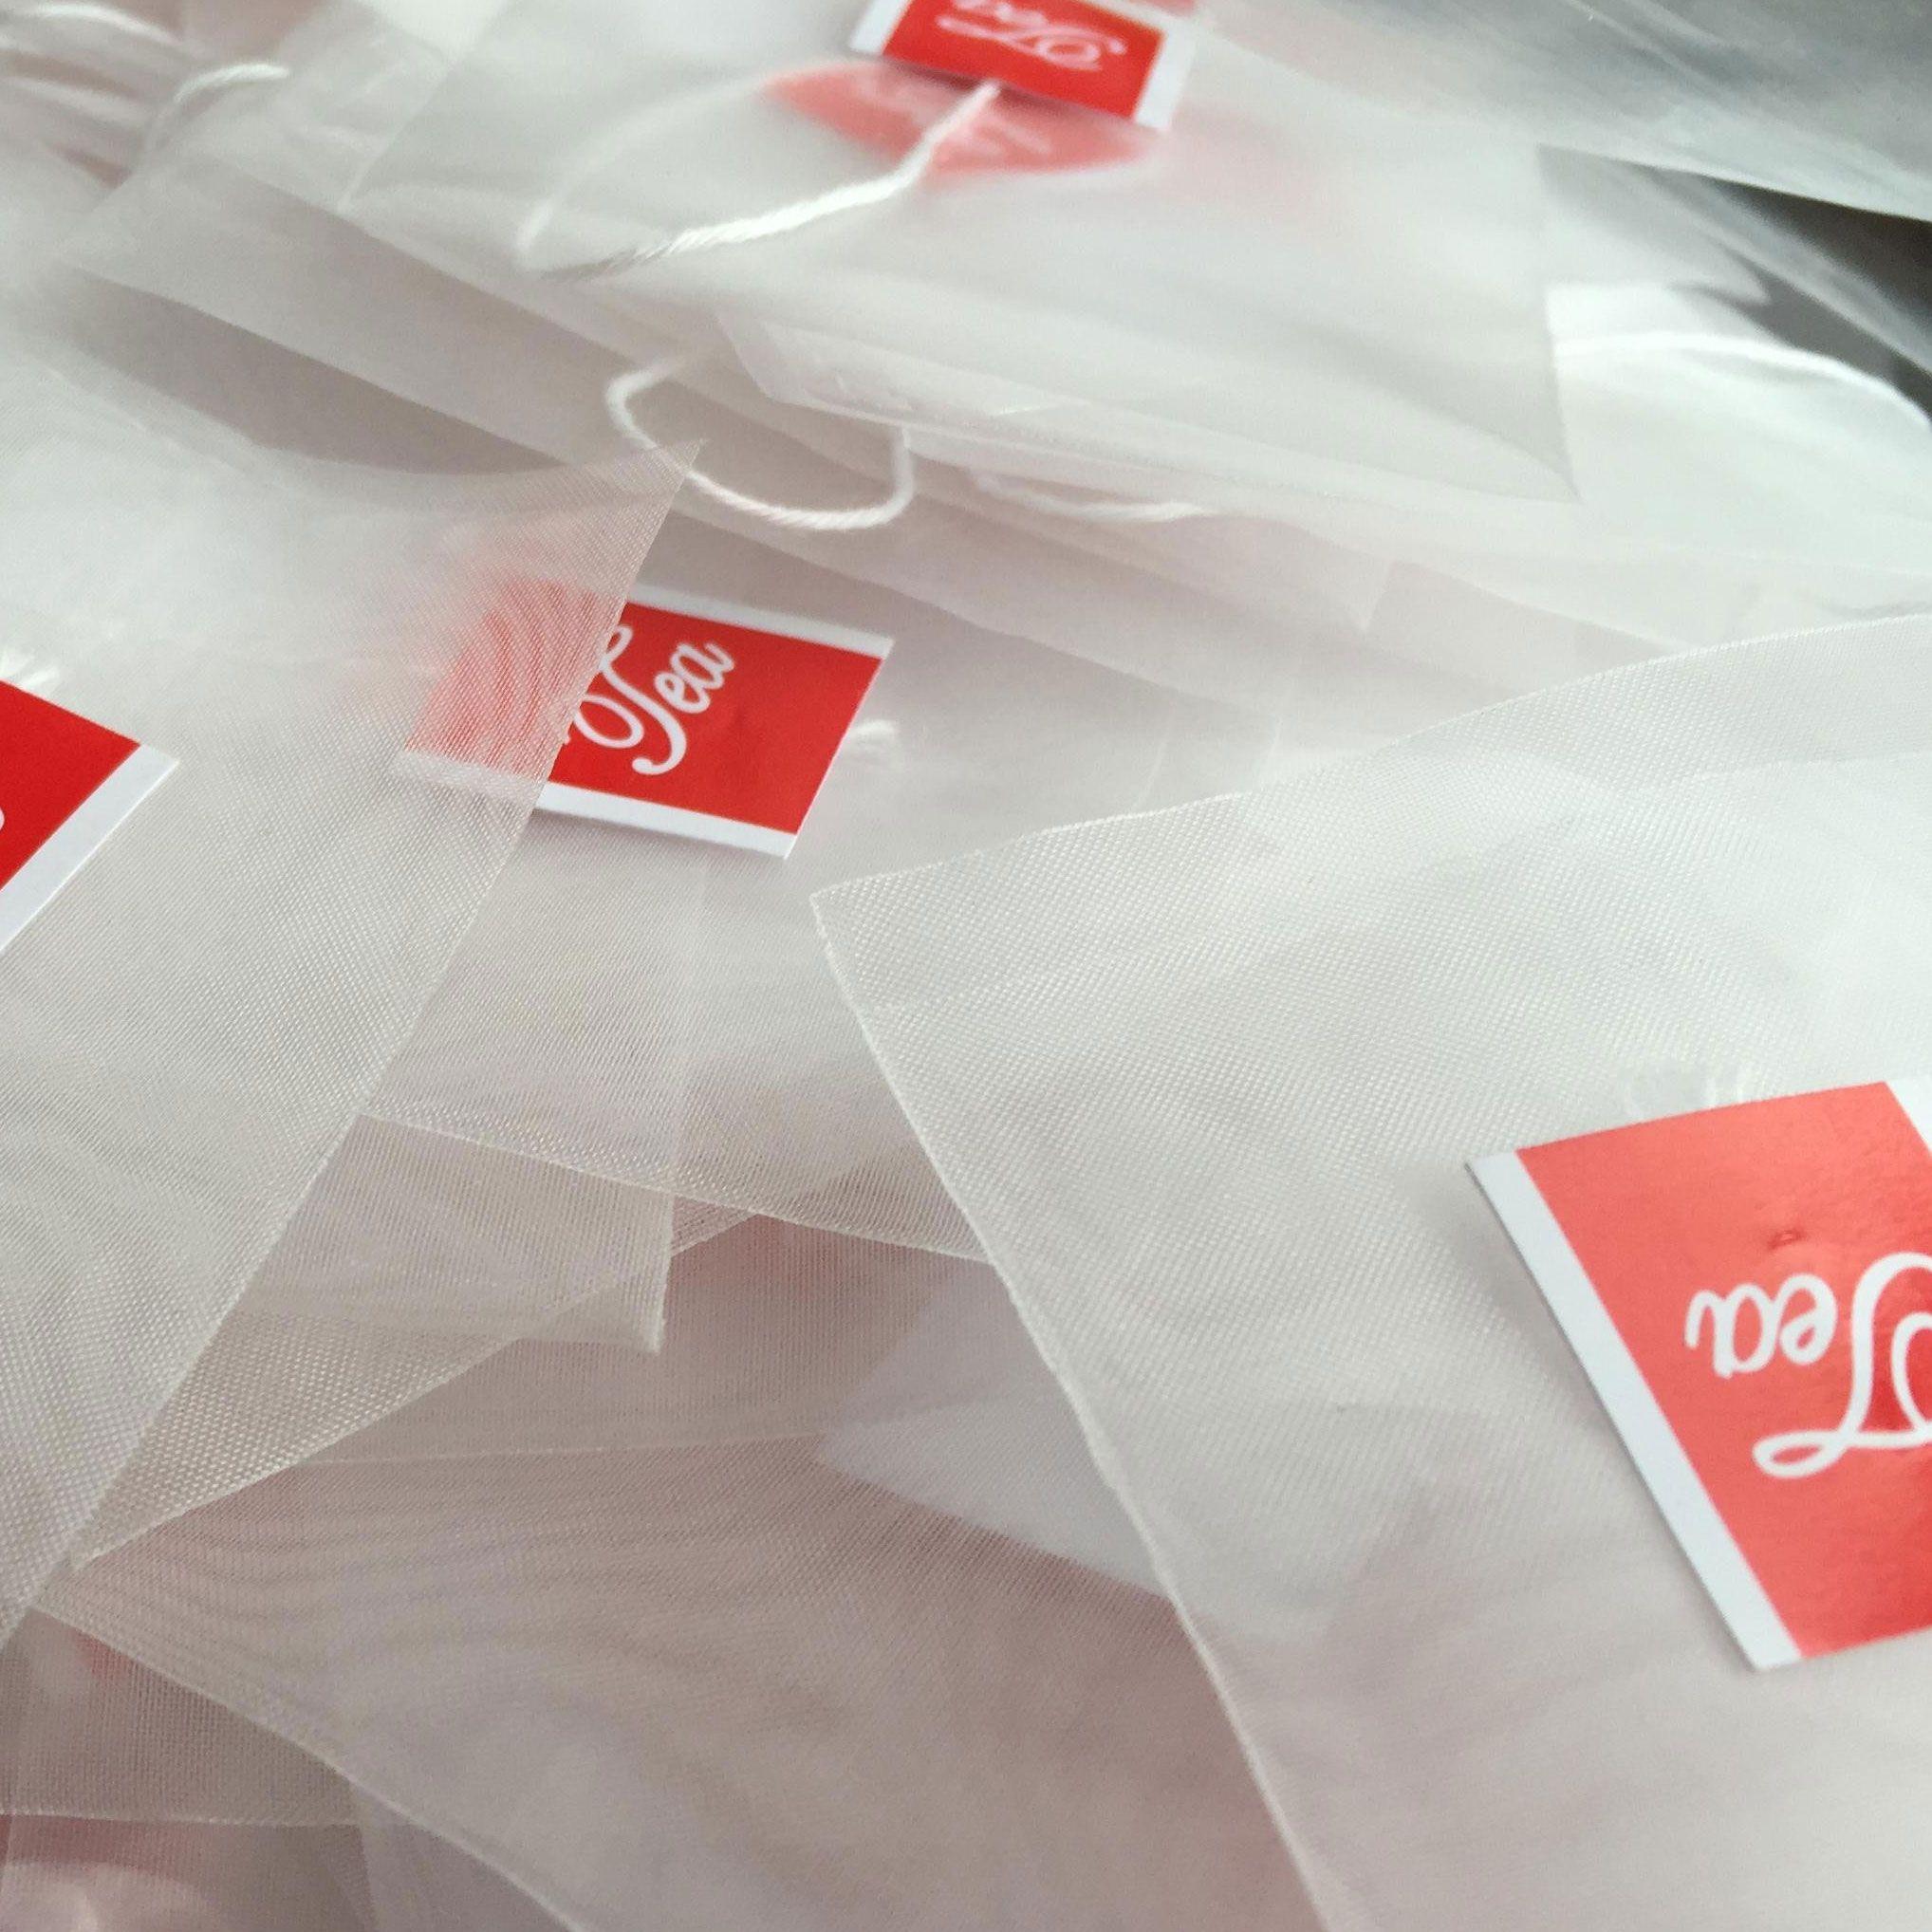 2000pcs / lot de nylon Vacía la pirámide bolsa de té de té Infuser Nuevo tamiz del té de bolsitas de té de envío libre 2018 de la venta caliente